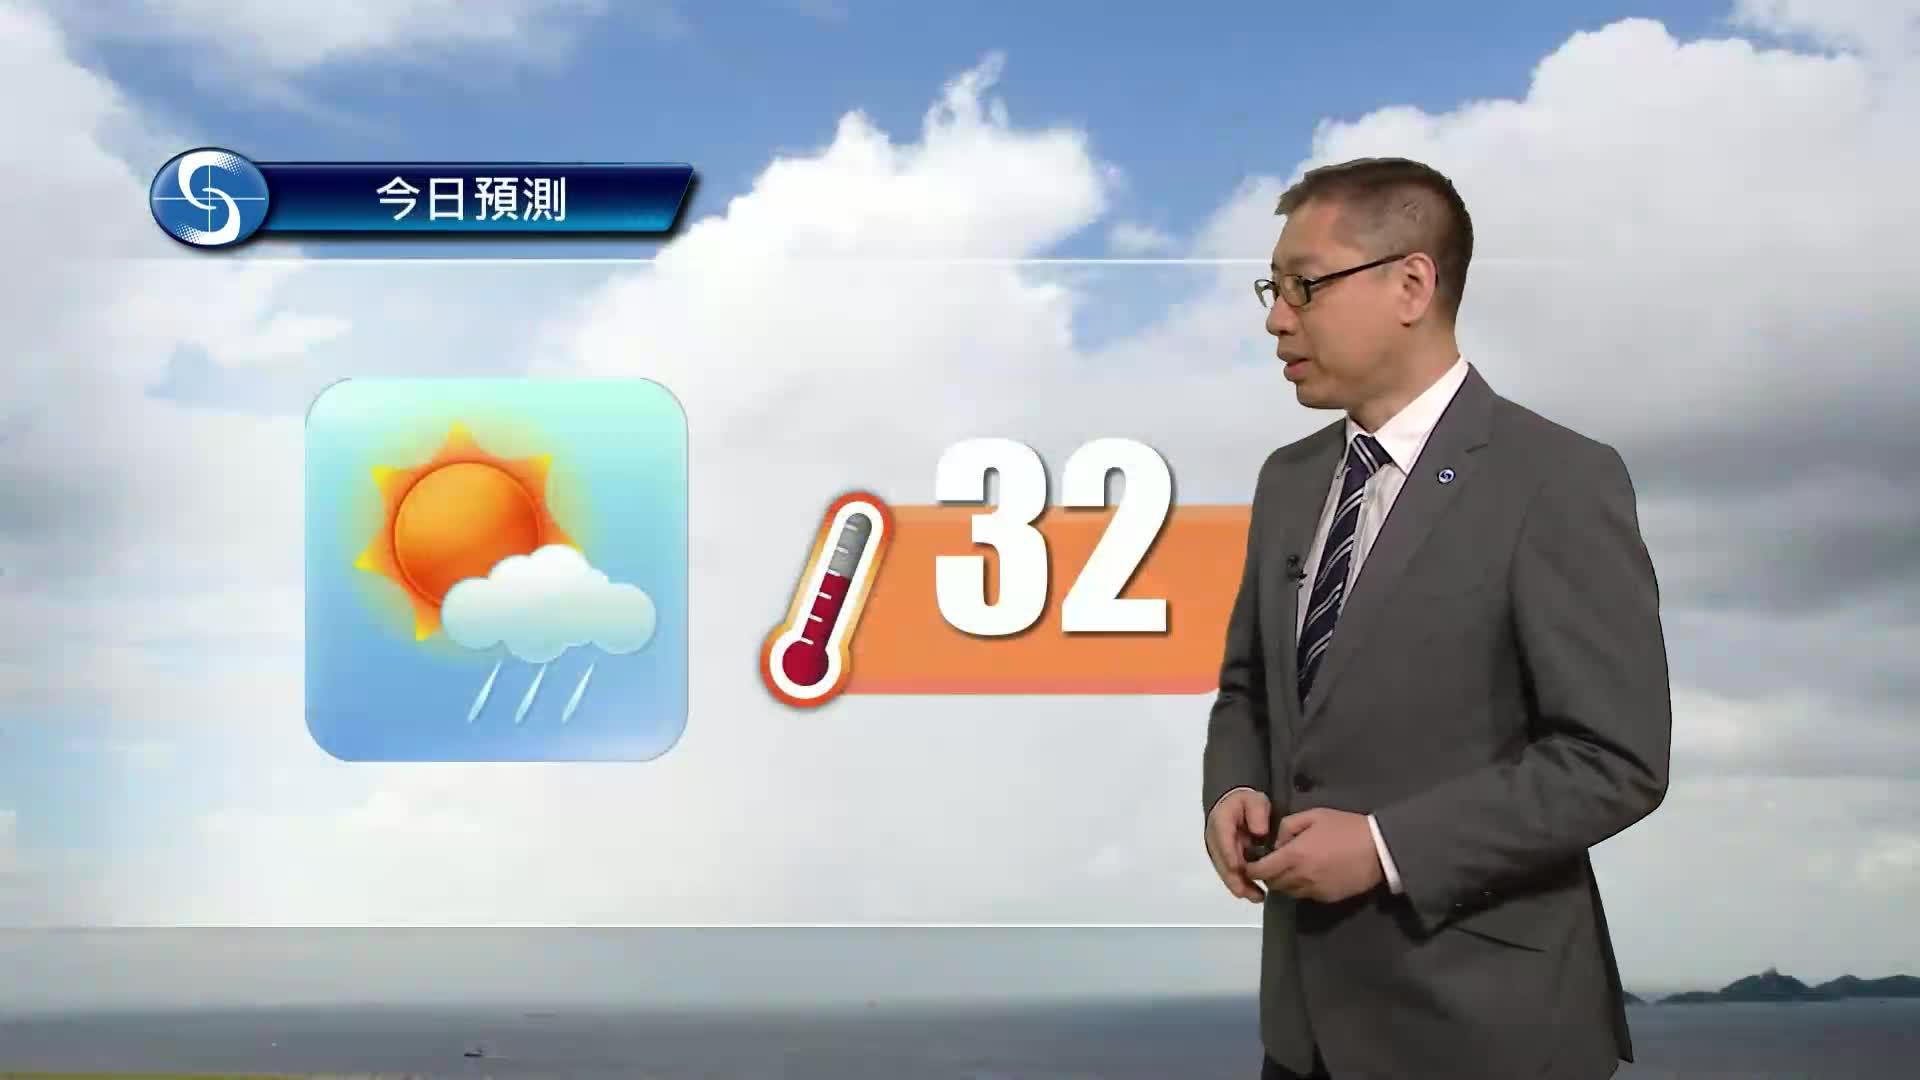 早晨天氣節目(05月13日上午8時) - 署理高級科學主任楊國仲